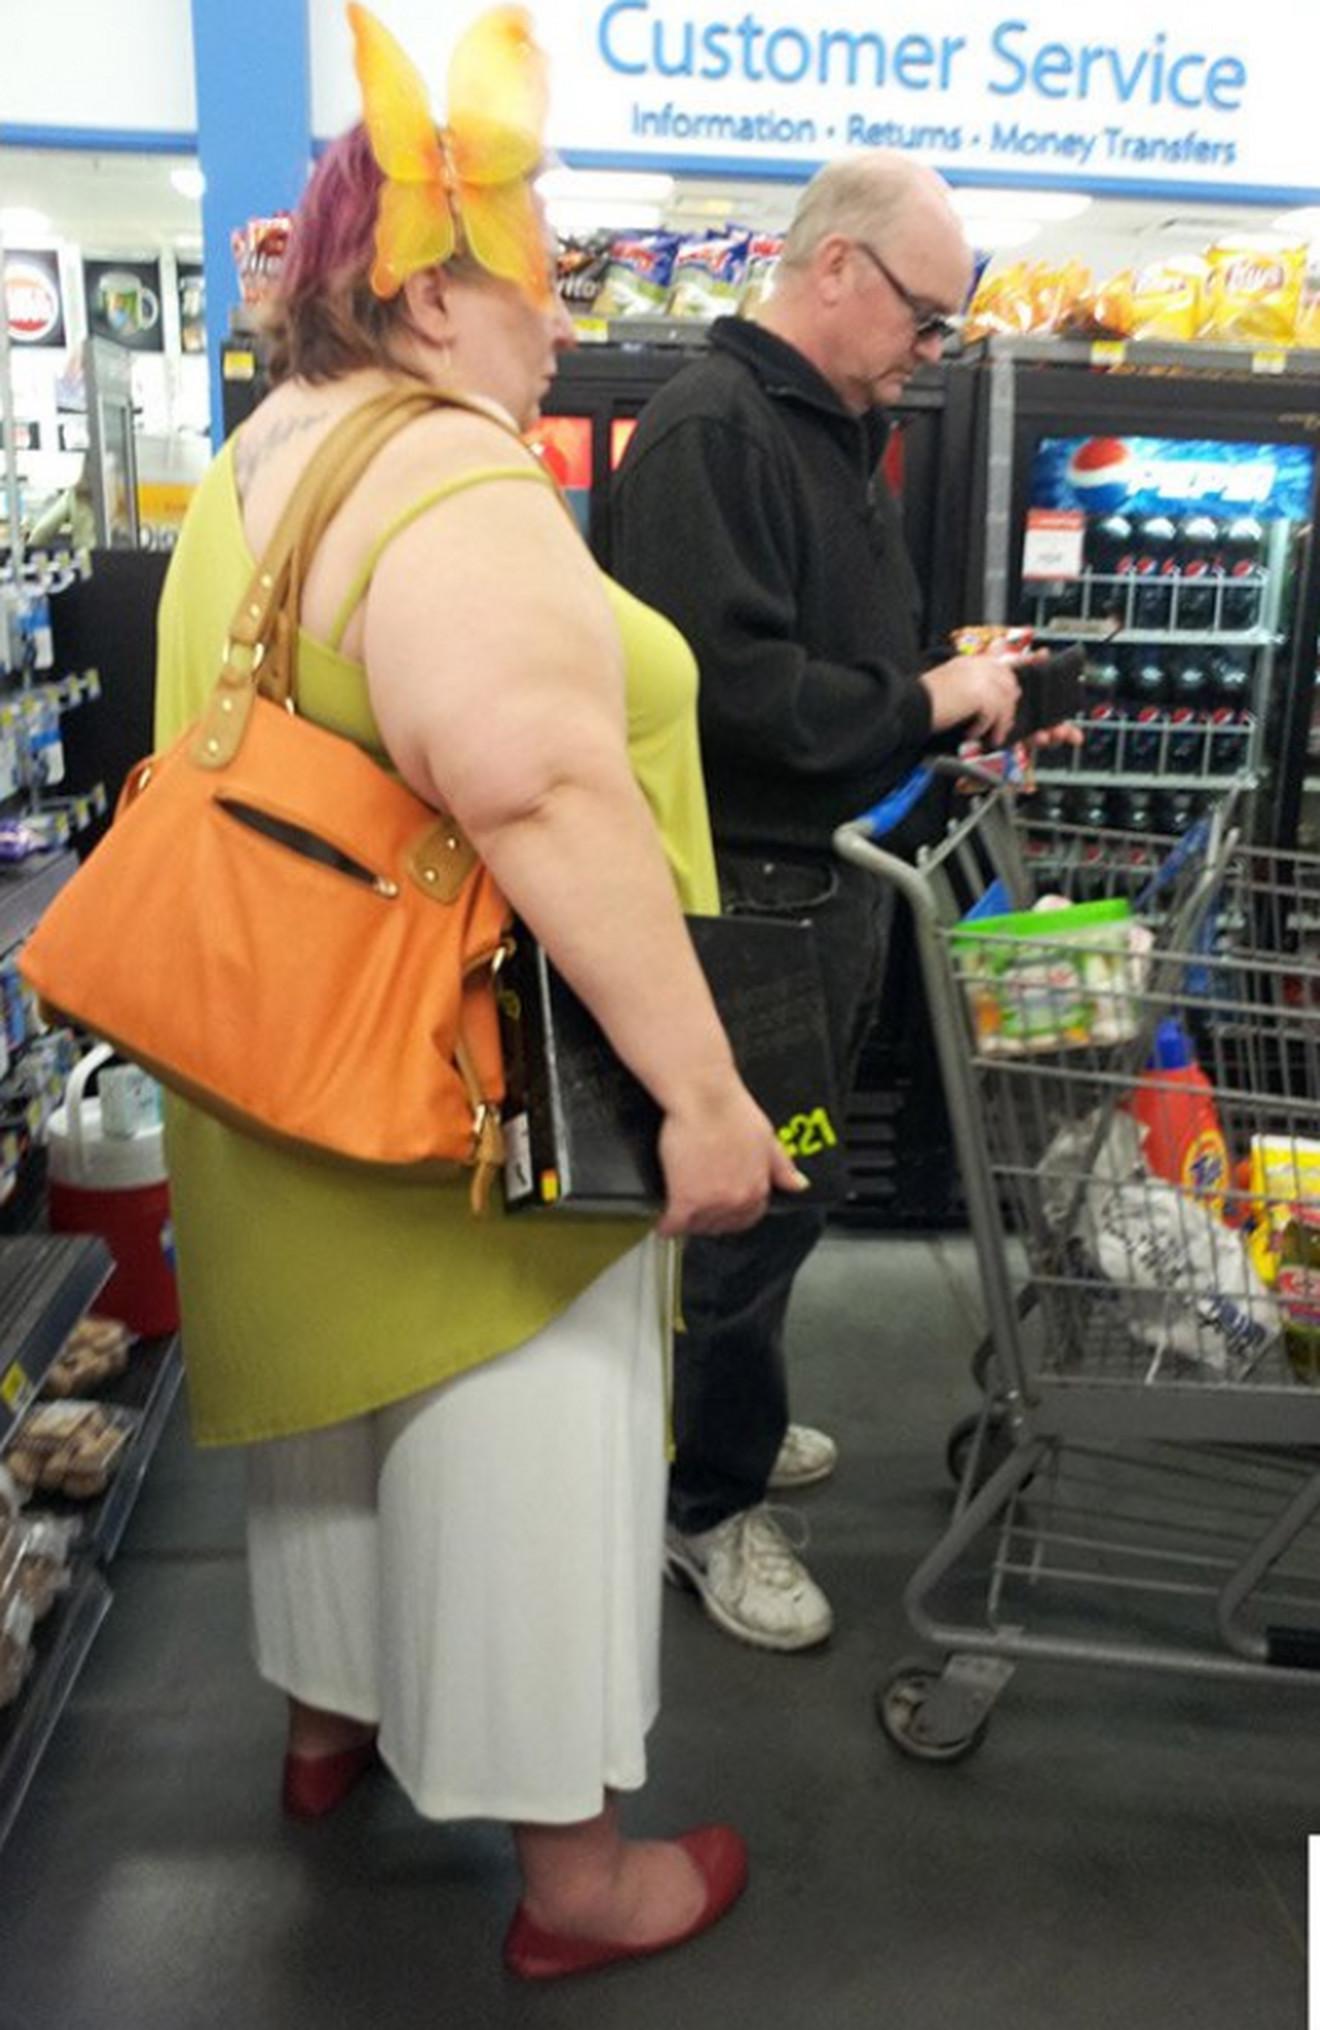 Ljudi iz prodavnica